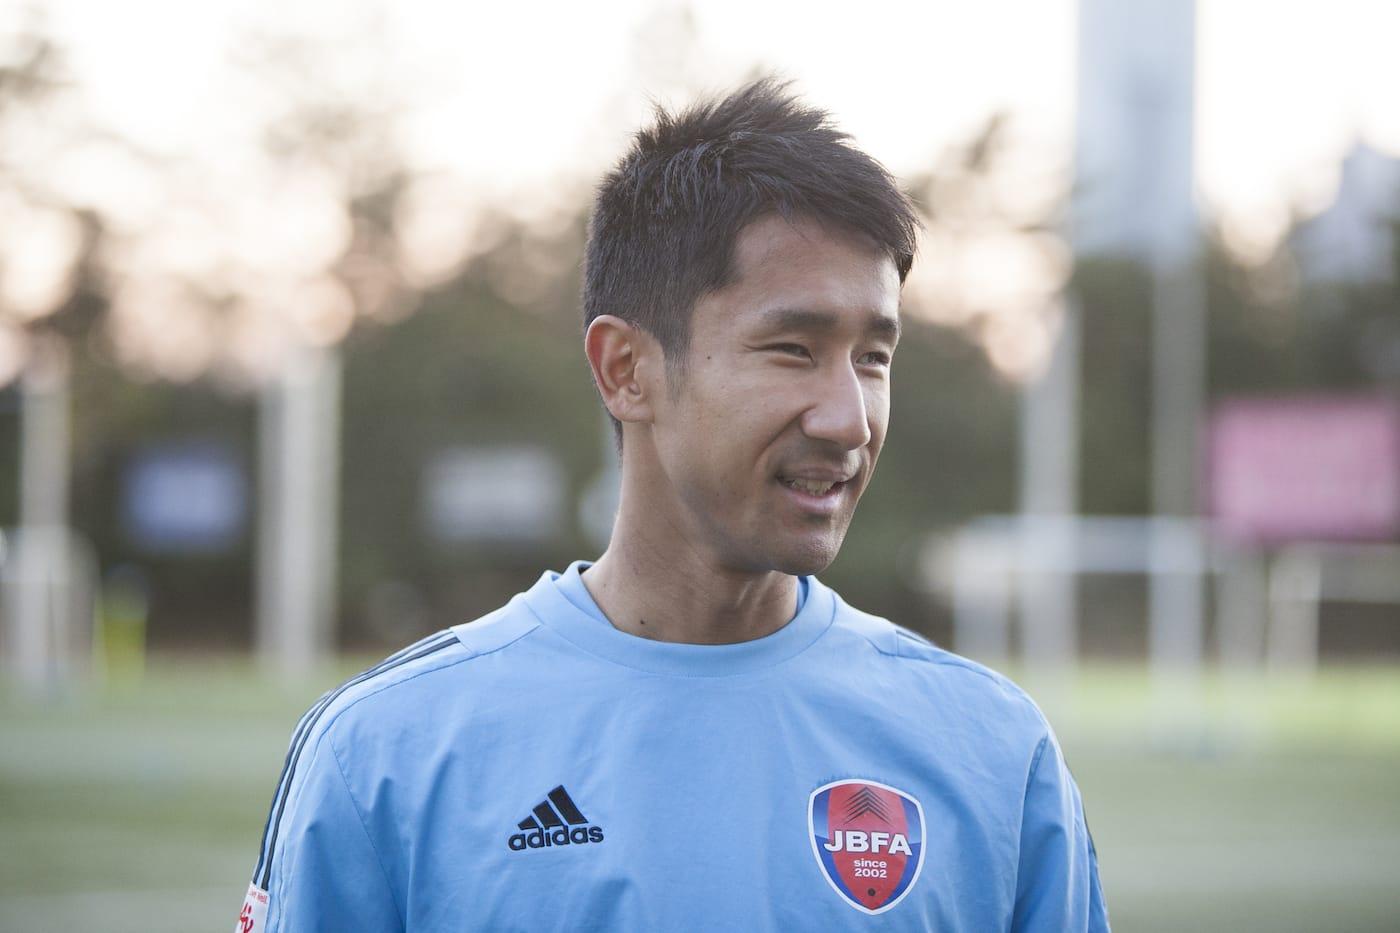 インタビューに応える川村選手